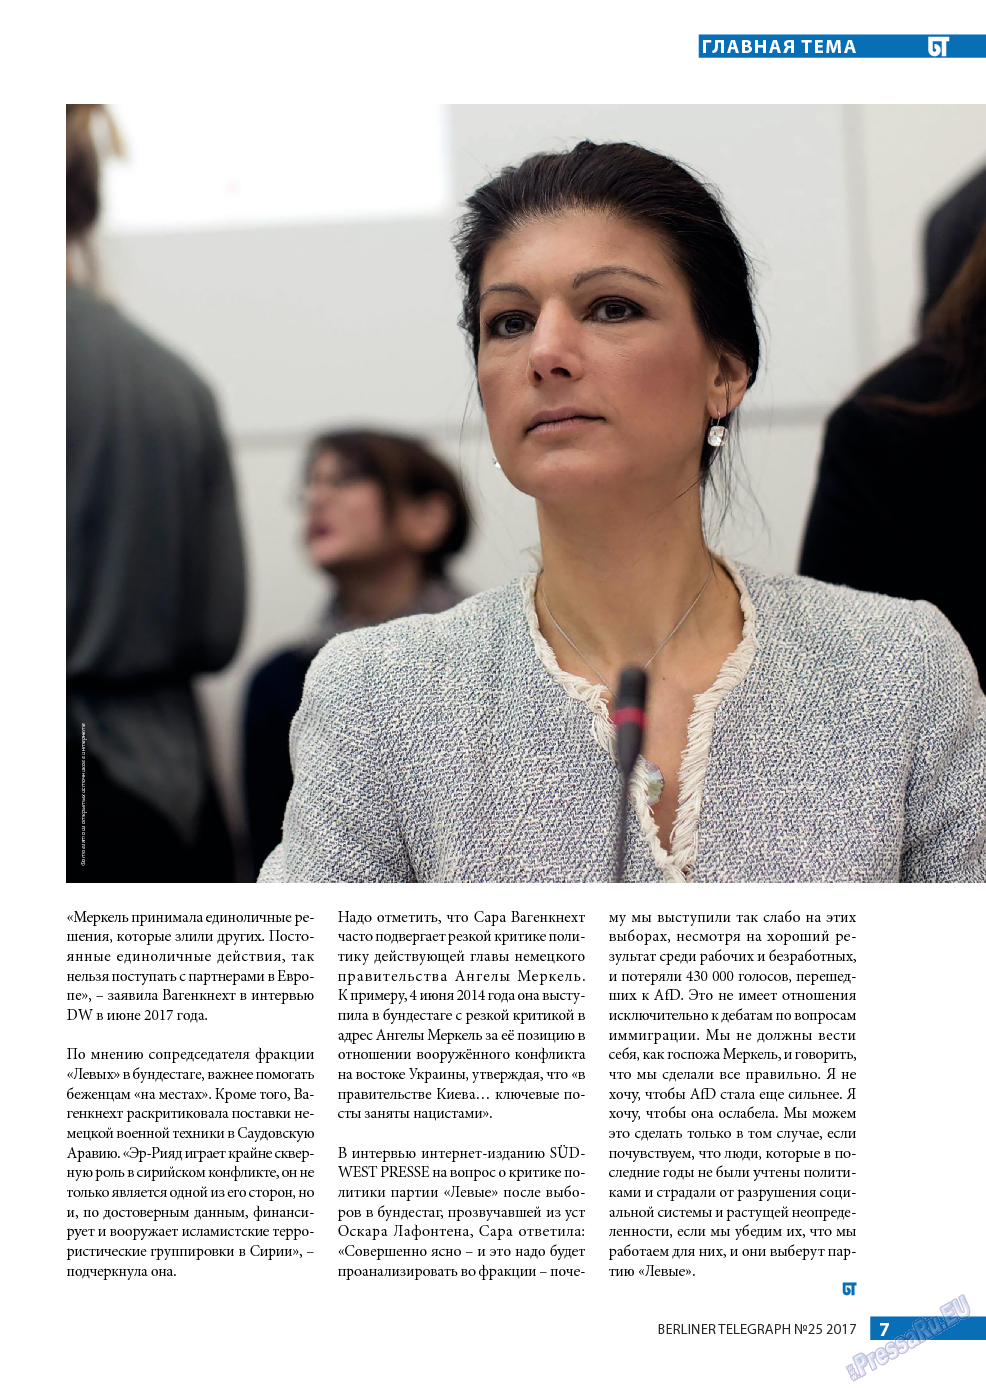 Берлинский телеграф (журнал). 2017 год, номер 25, стр. 7